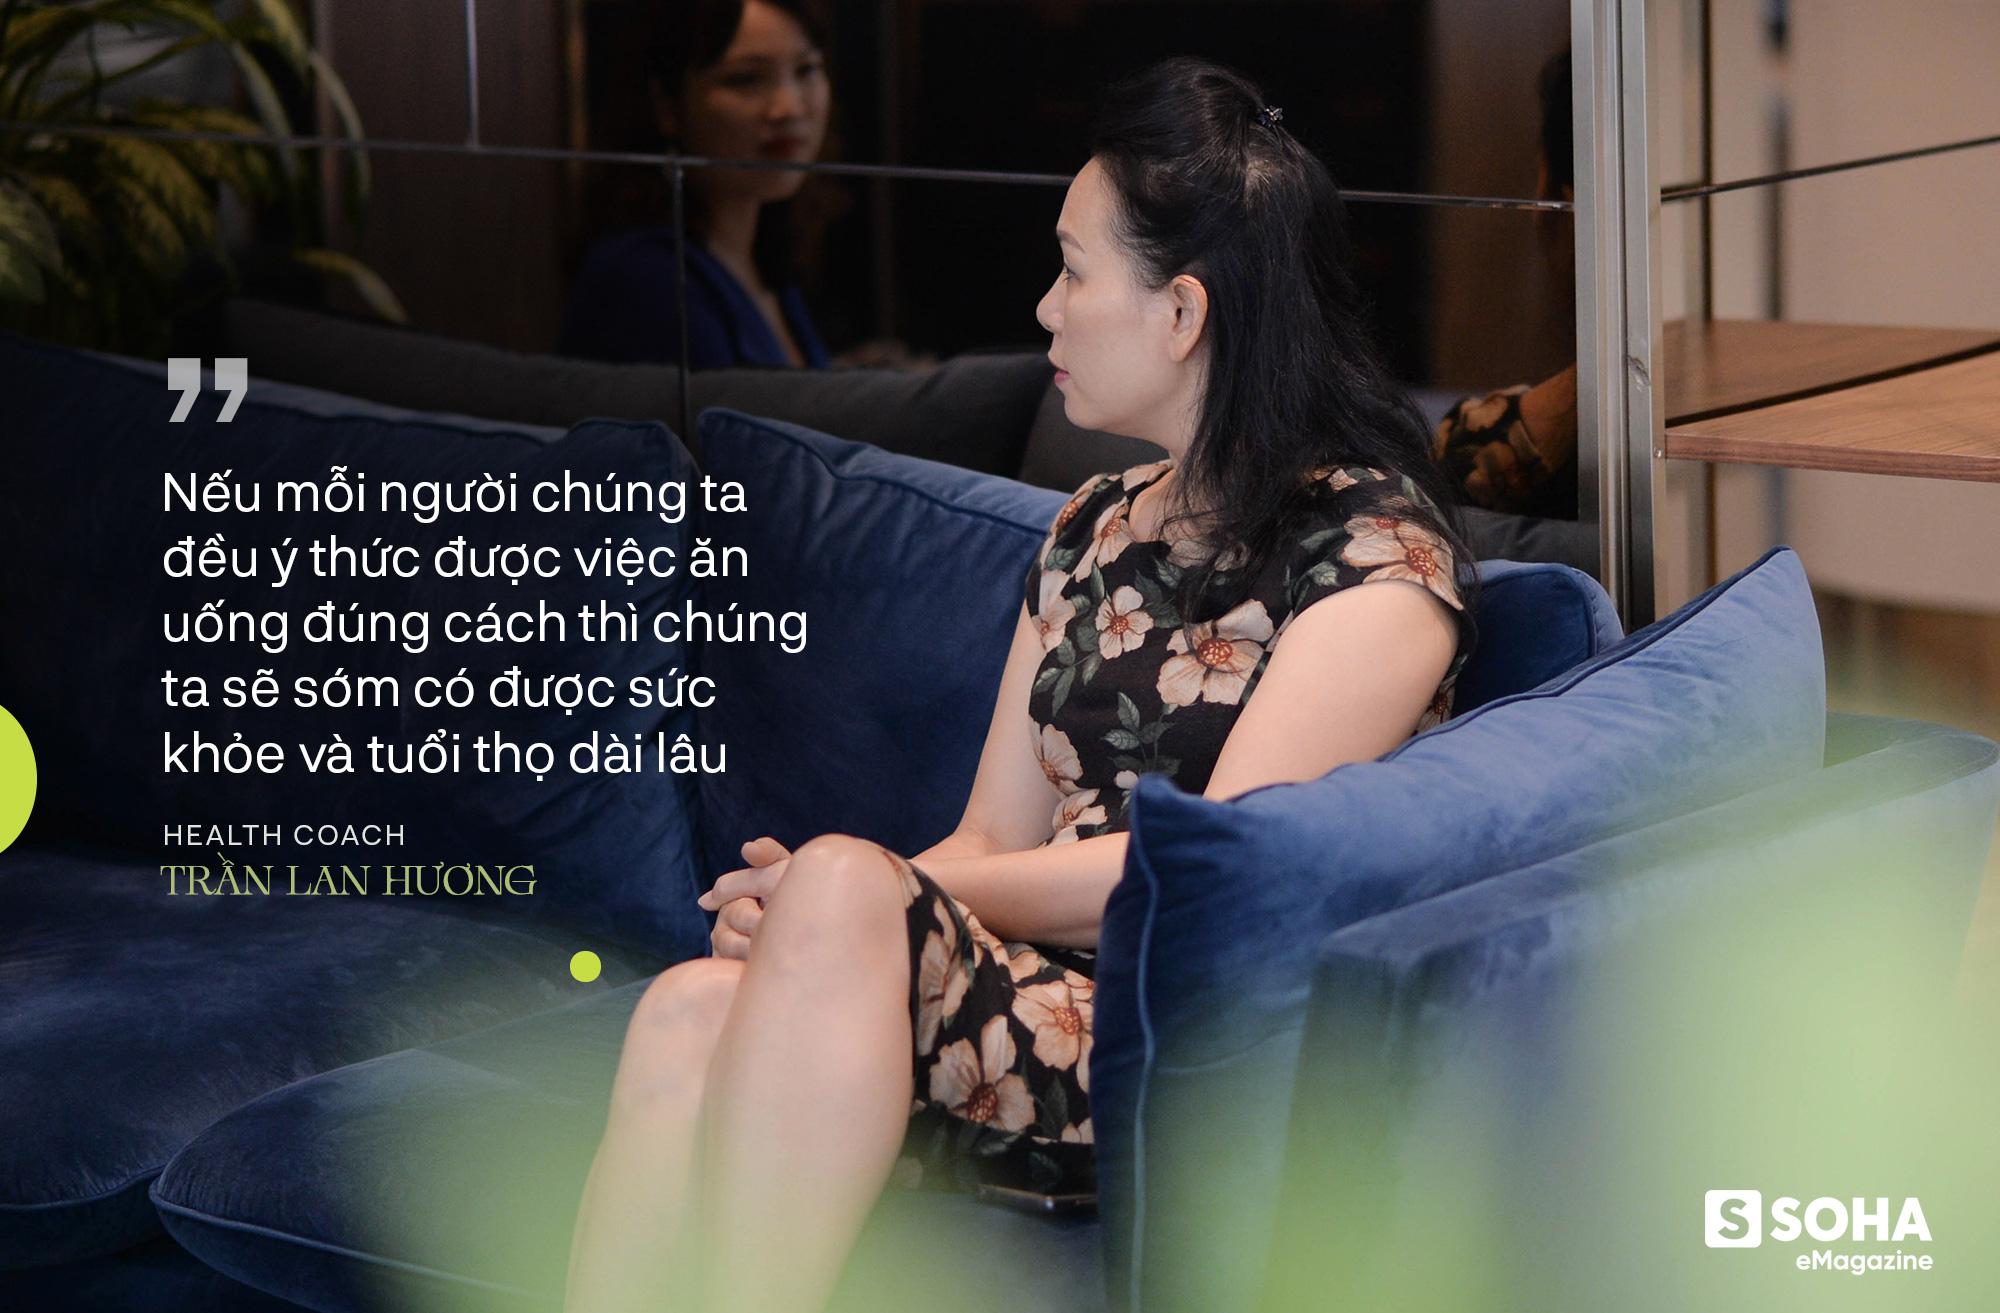 Đọc Bí kíp ăn uống của Trần Lan Hương, nhiều người Việt sẽ giật mình vì đang tàn phá sức khỏe - Ảnh 20.